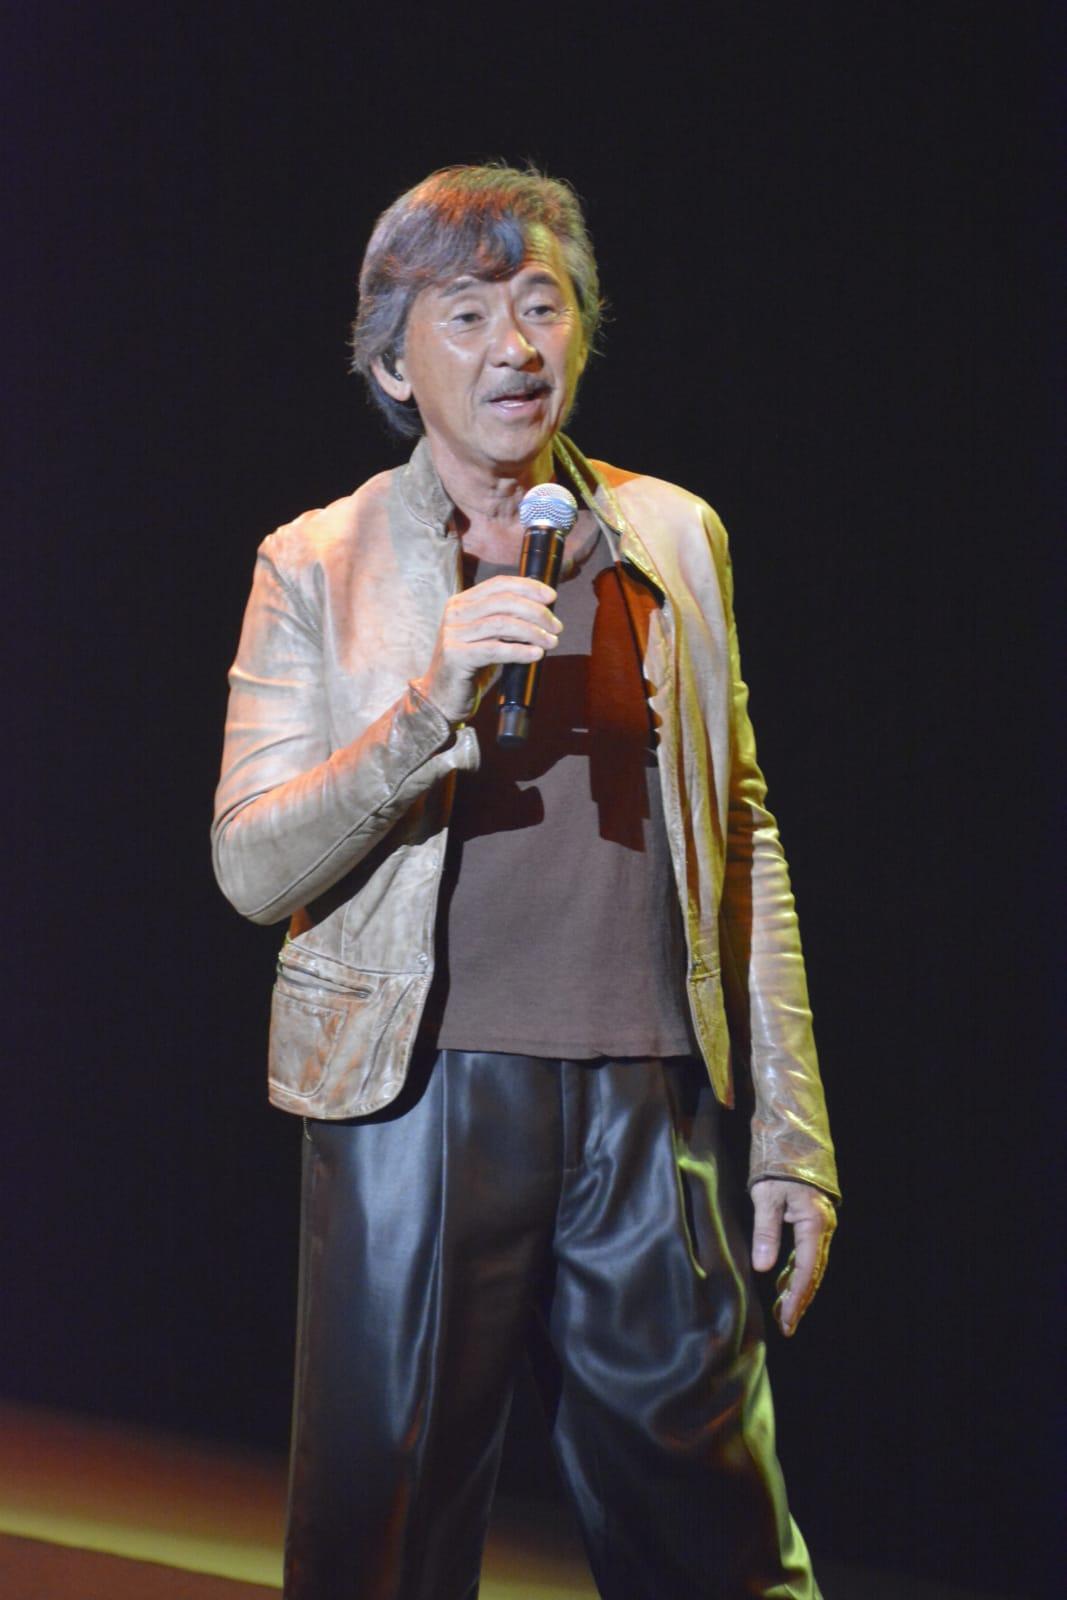 林子祥一連5場《林子祥 Lamusical 2019 演唱會》晚上在紅館開鑼。